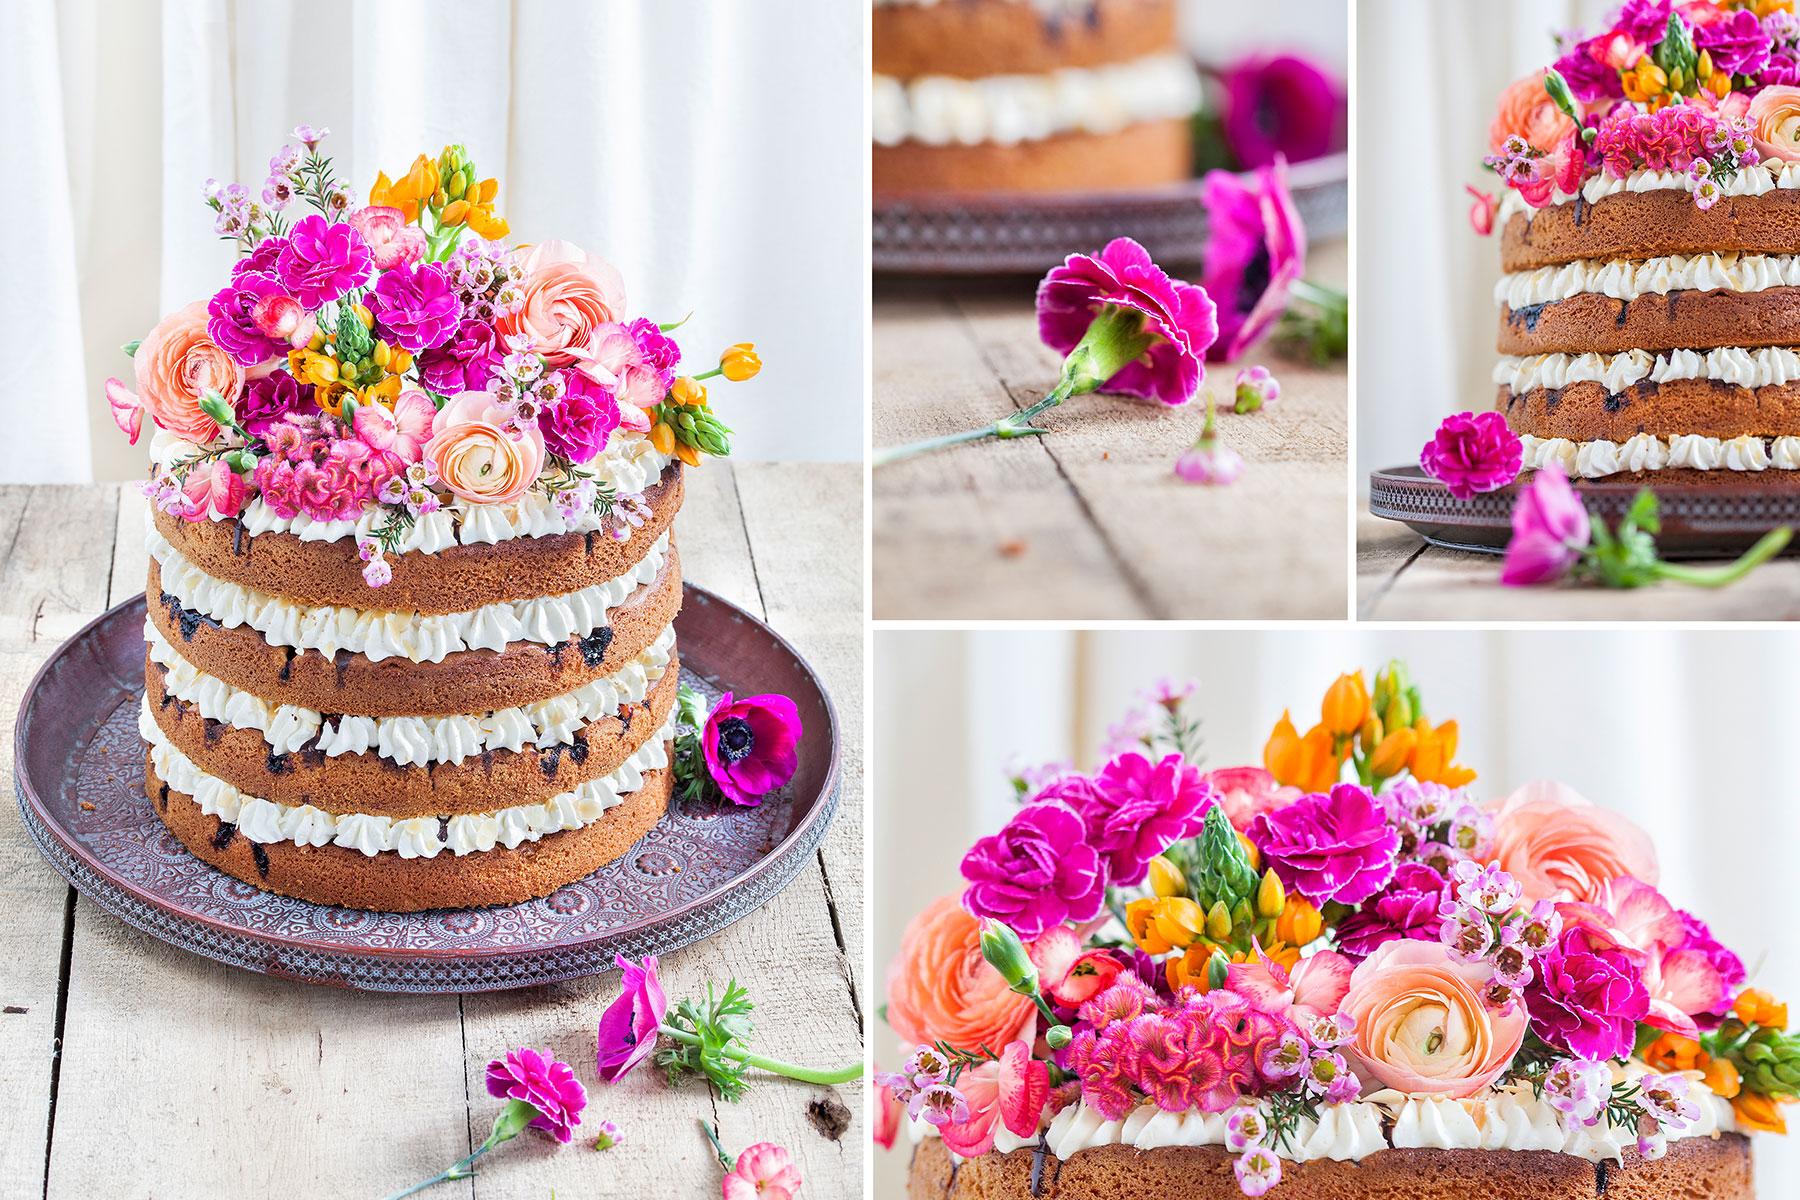 Torte Mit Blumen Hochzeitstorte Mit Echten Blumen Dekorieren